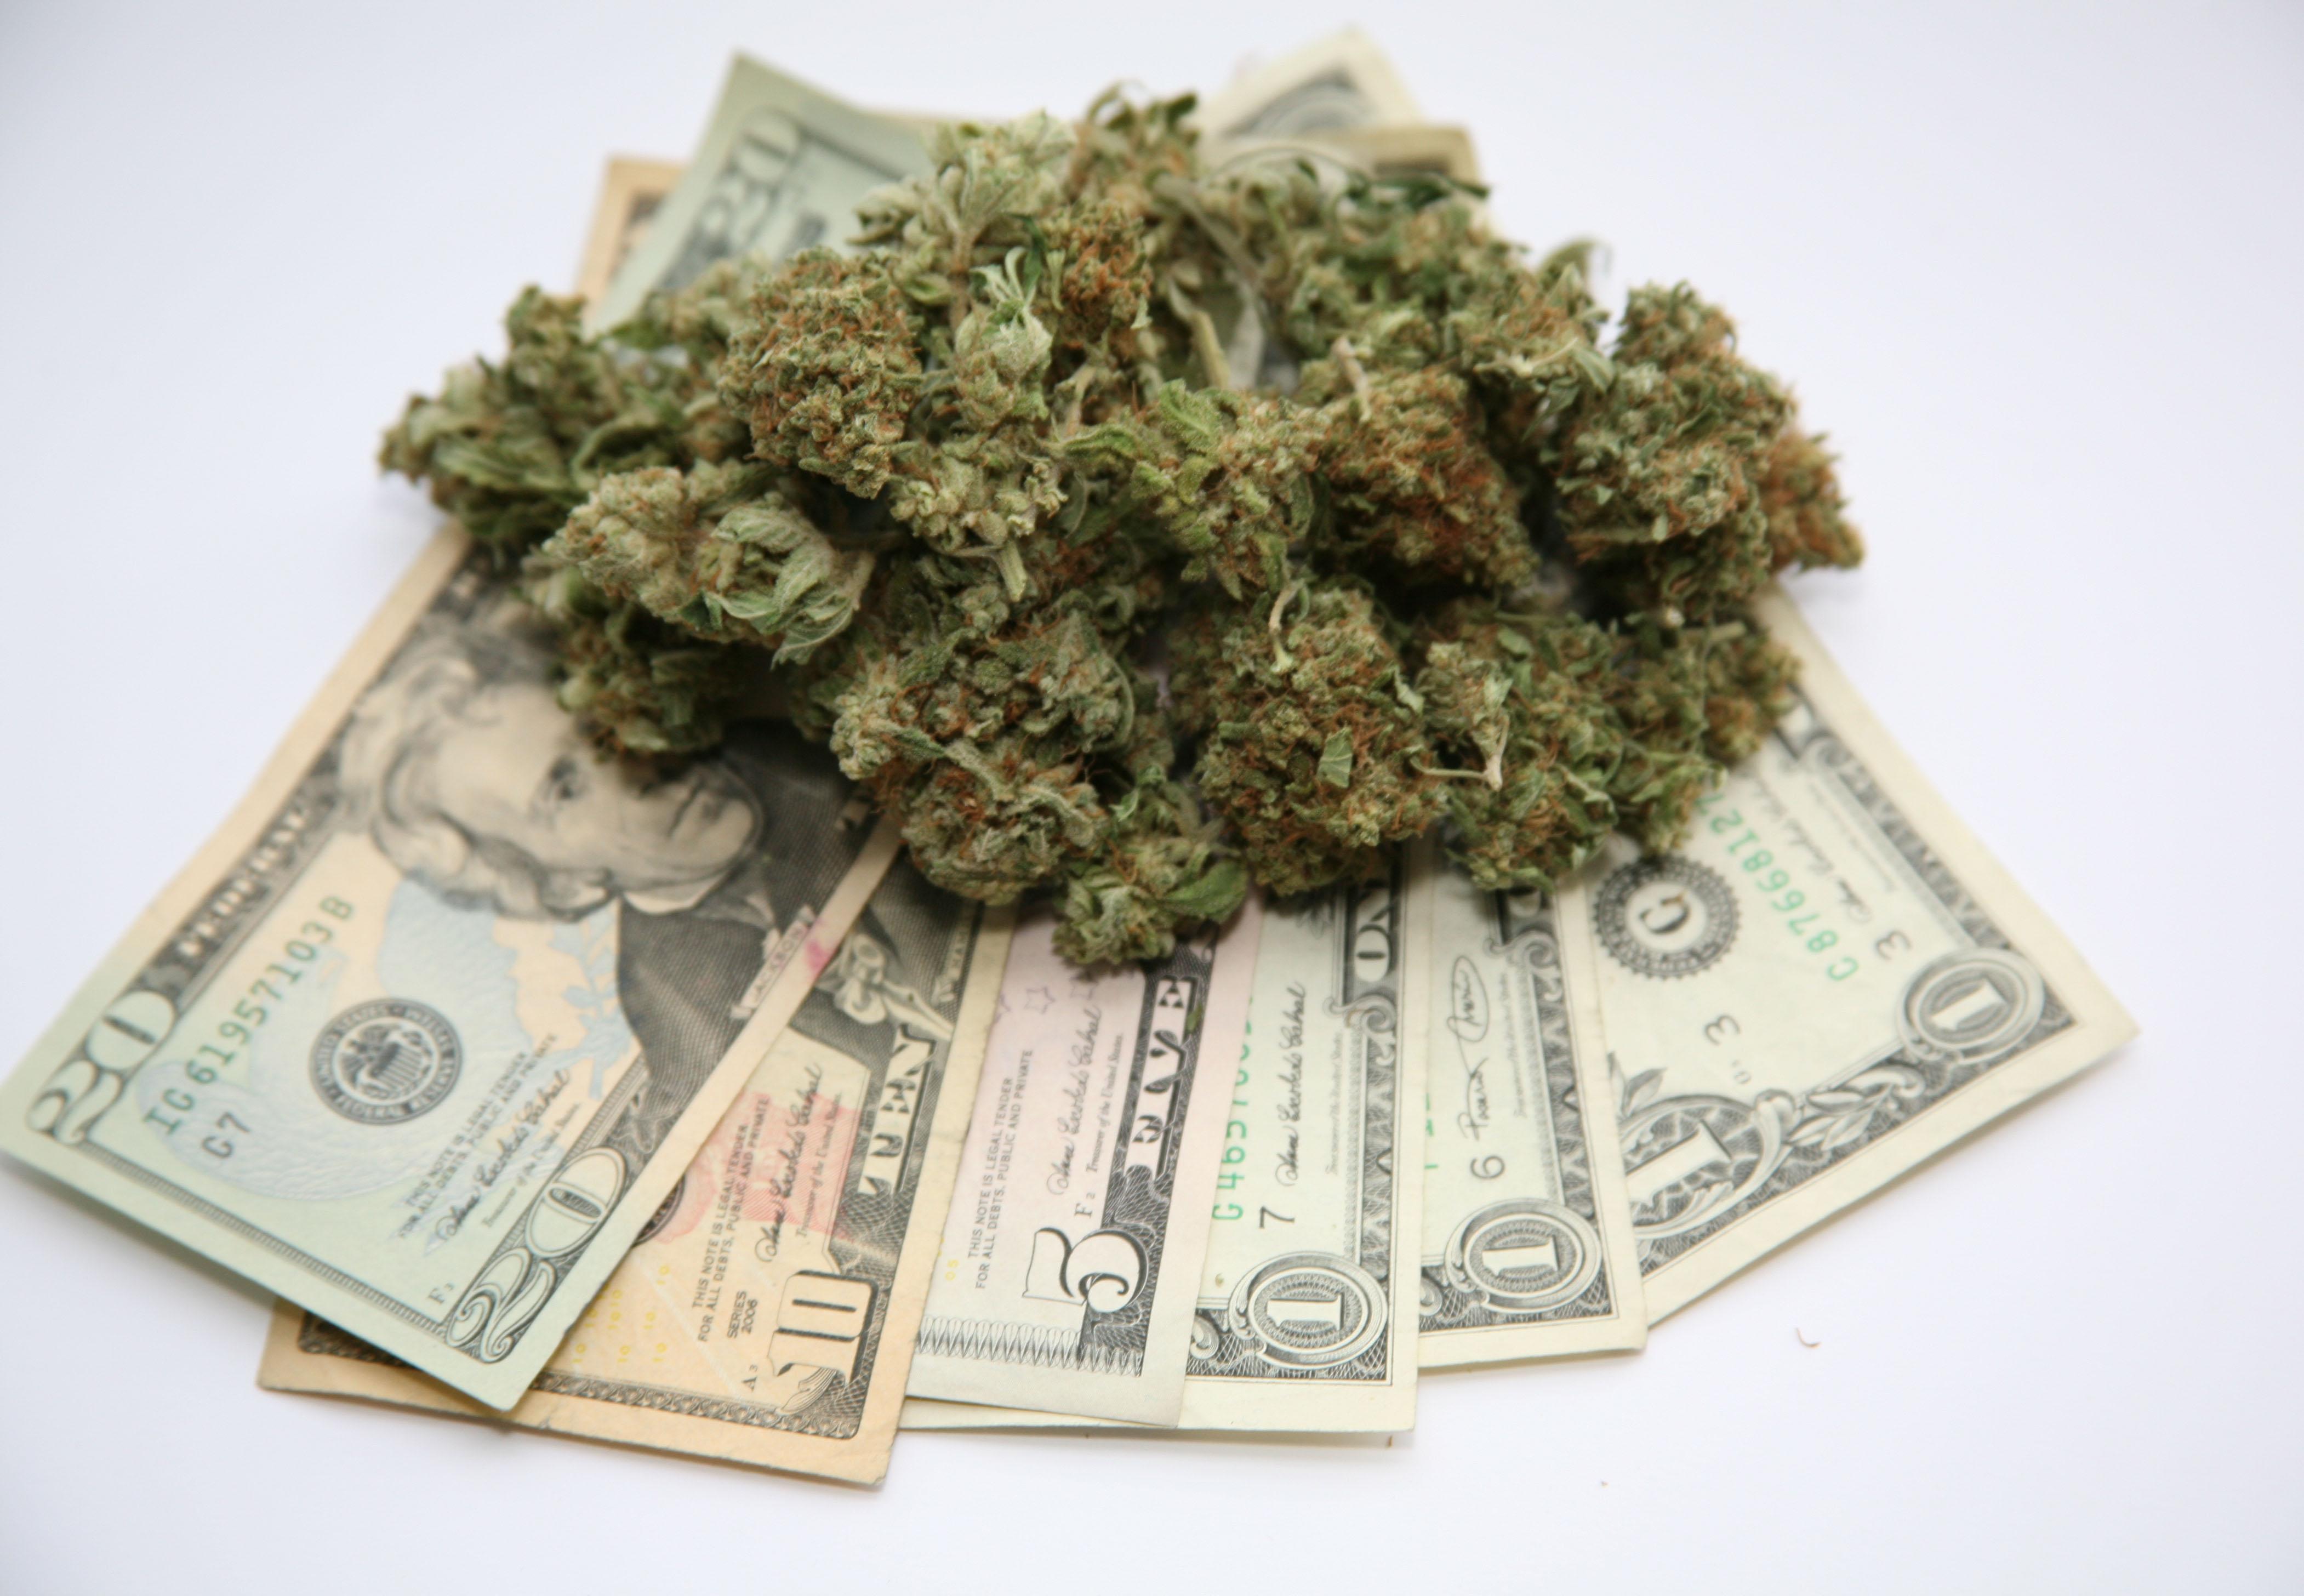 Ceny marihuany systematycznie